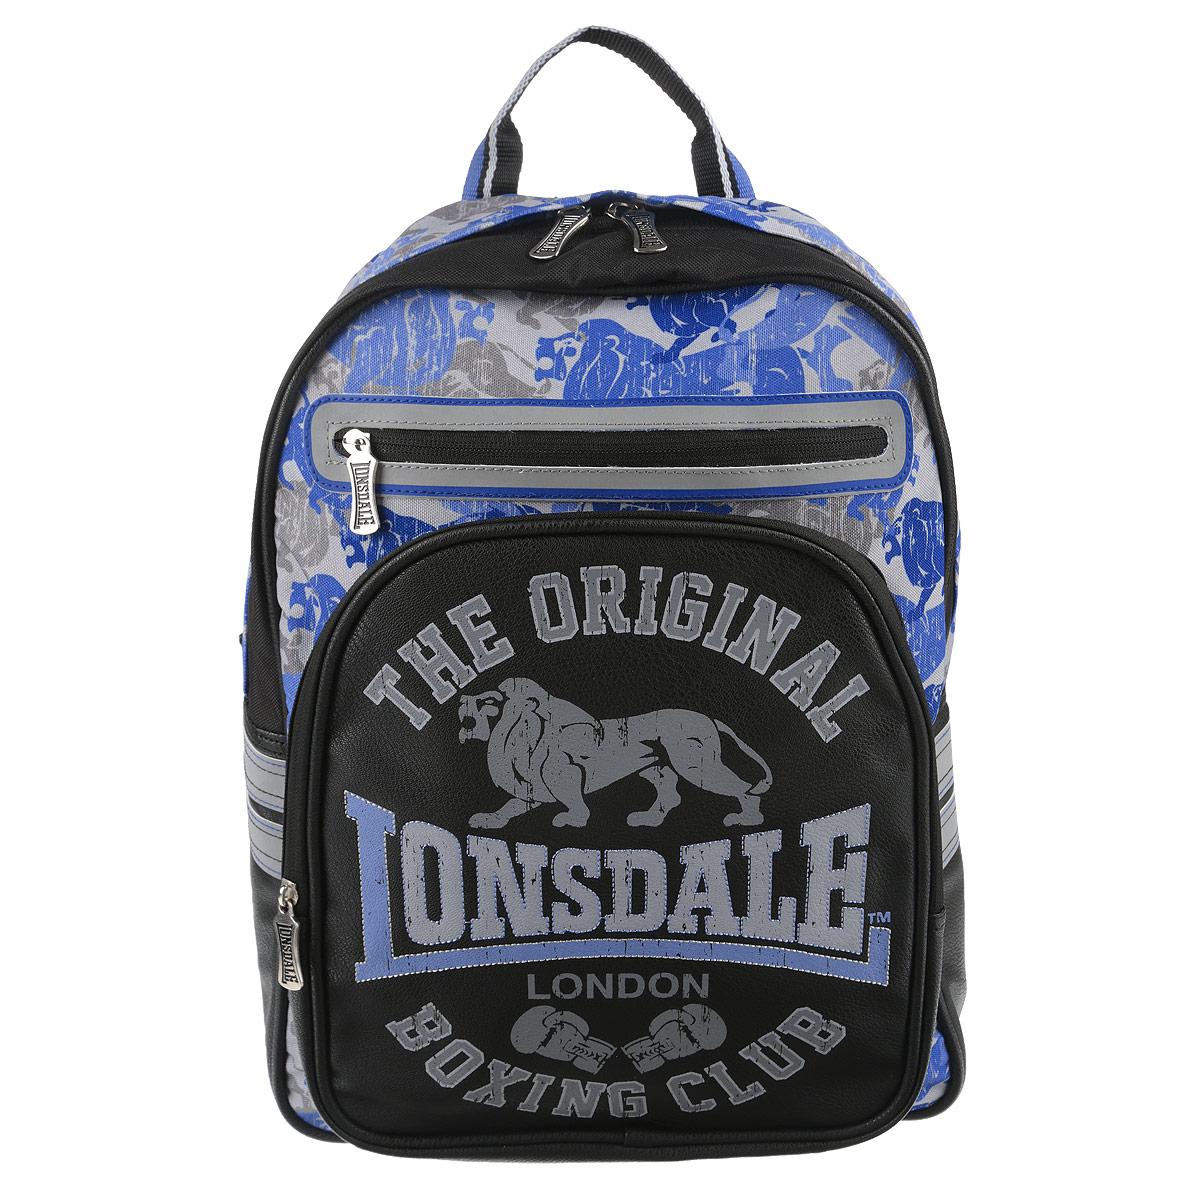 Рюкзак школьный Kinderline Lonsdale, цвет: черный, голубой, серый. LSCB-UT1-507